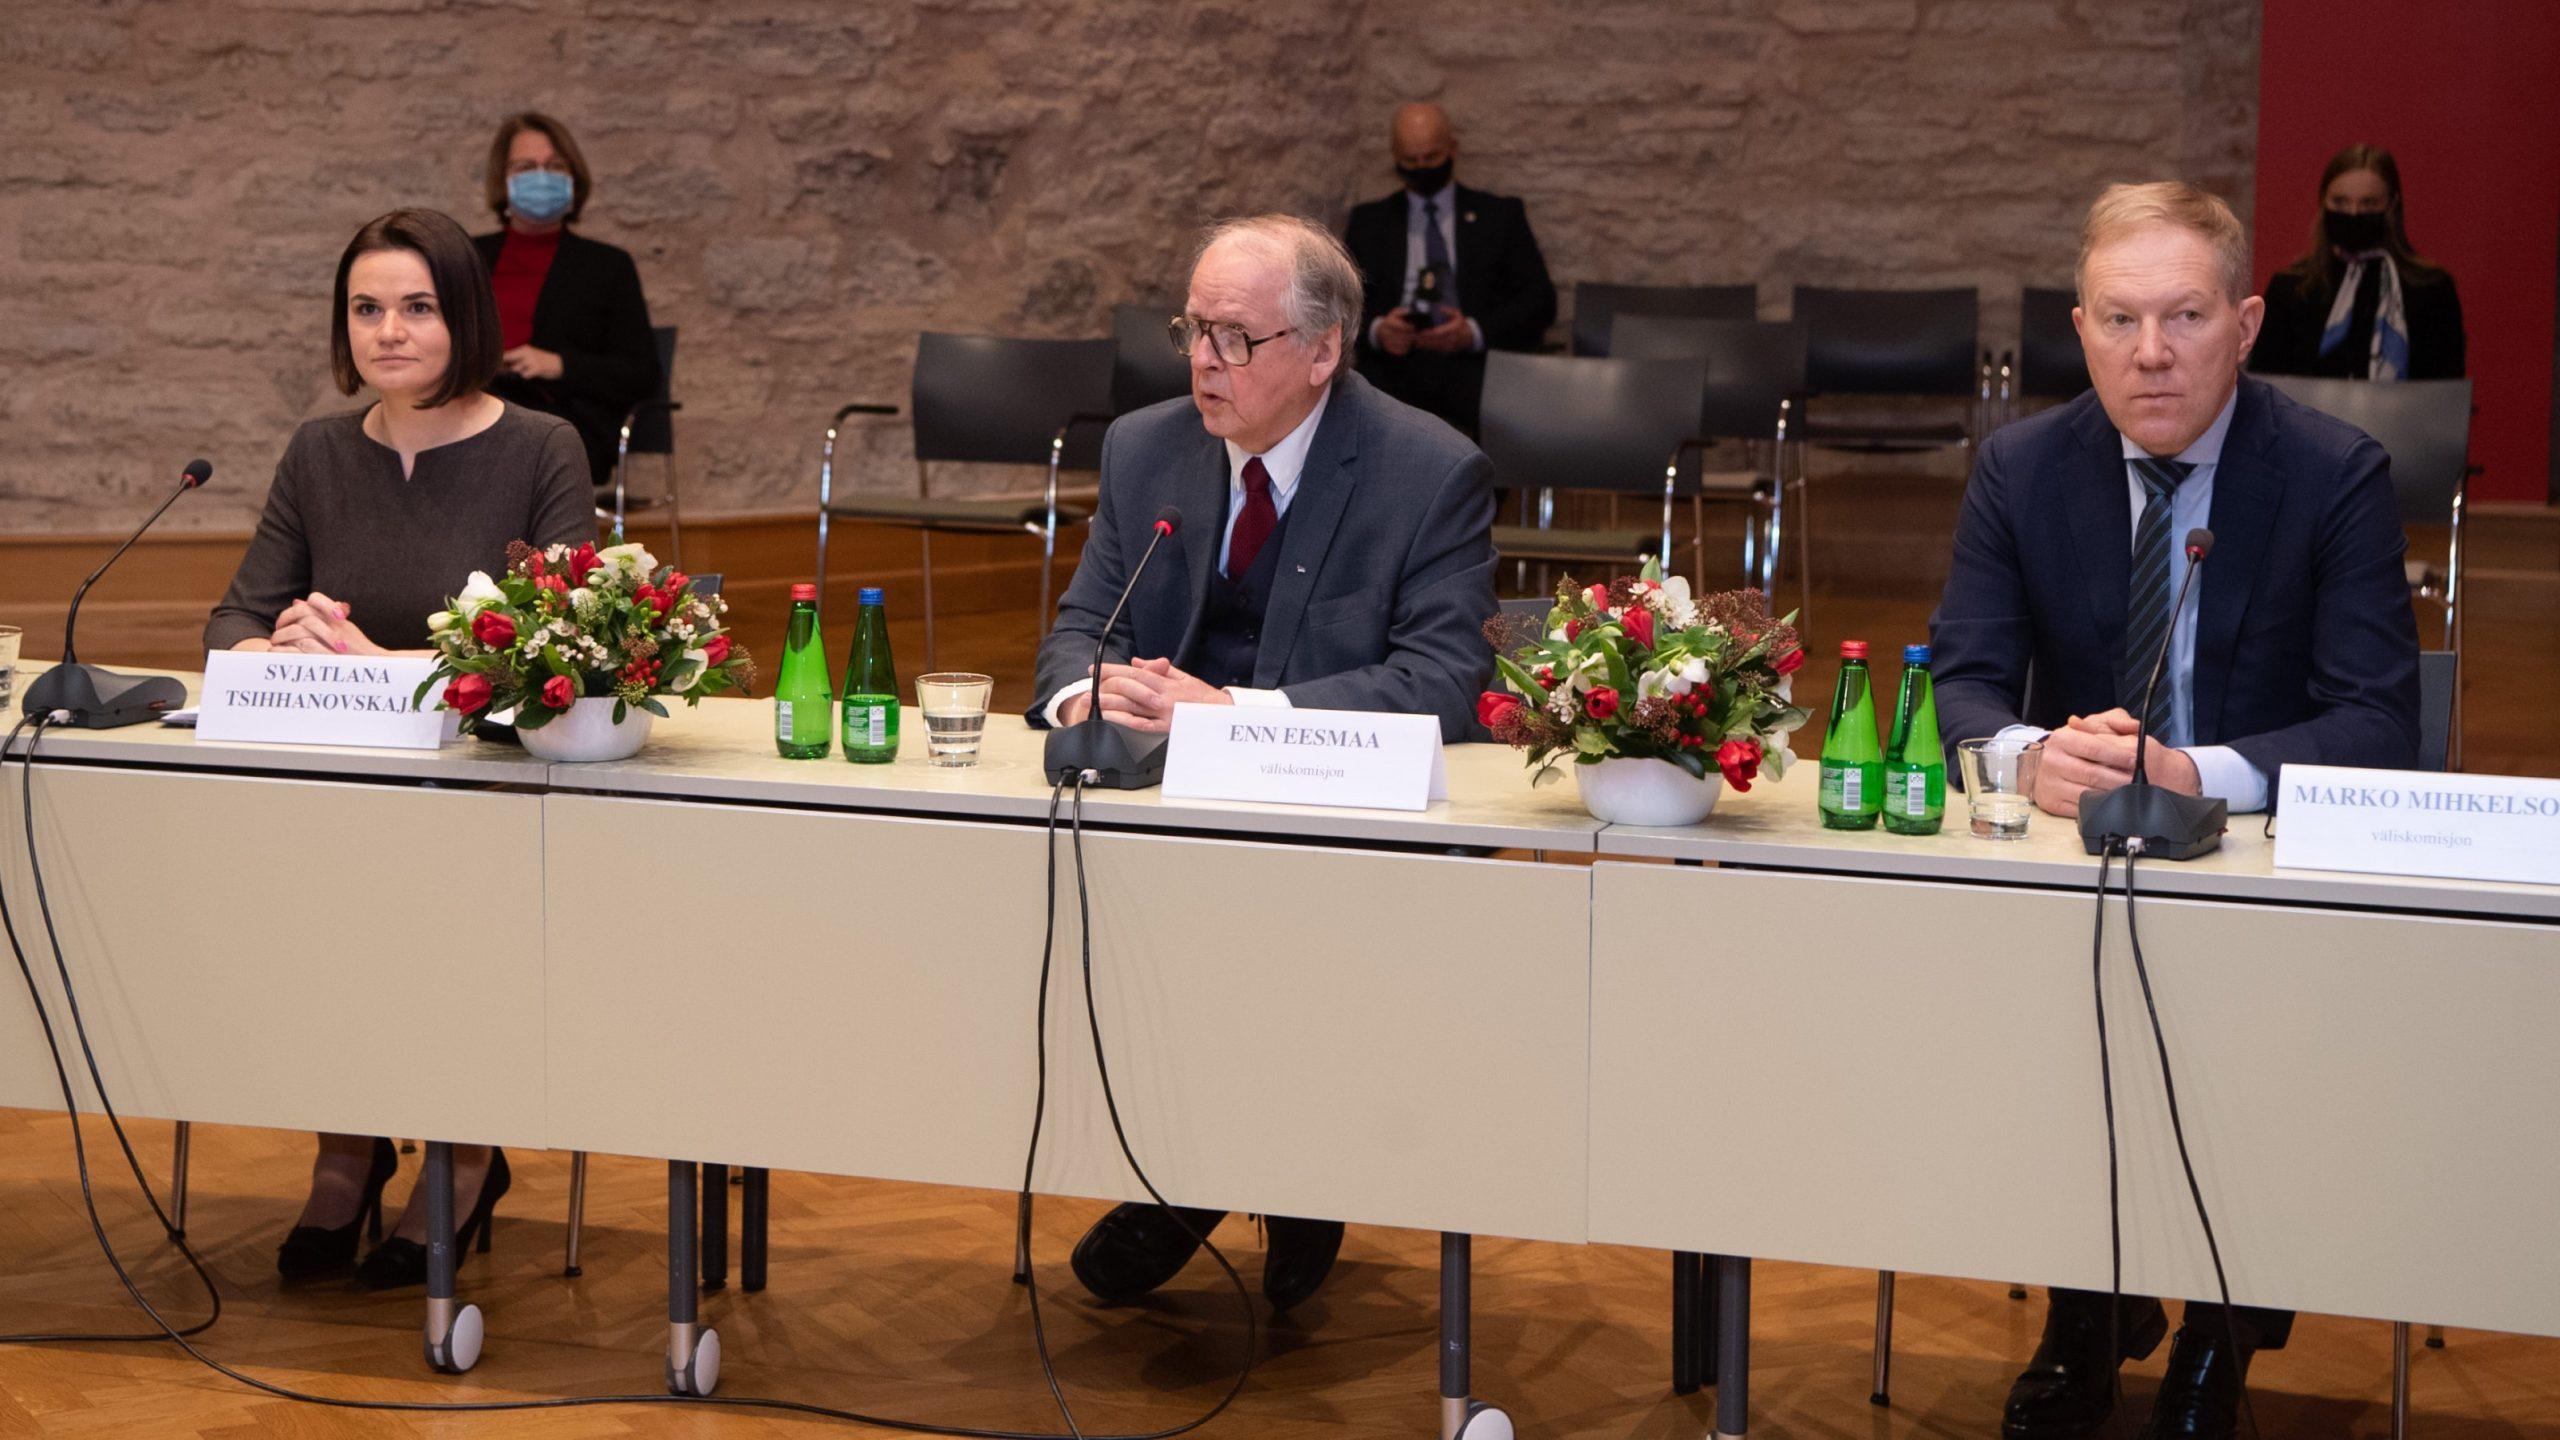 Väliskomisjon kinnitas Tsihhanovskajale Eesti jätkuvat toetust Valgevene rahvale